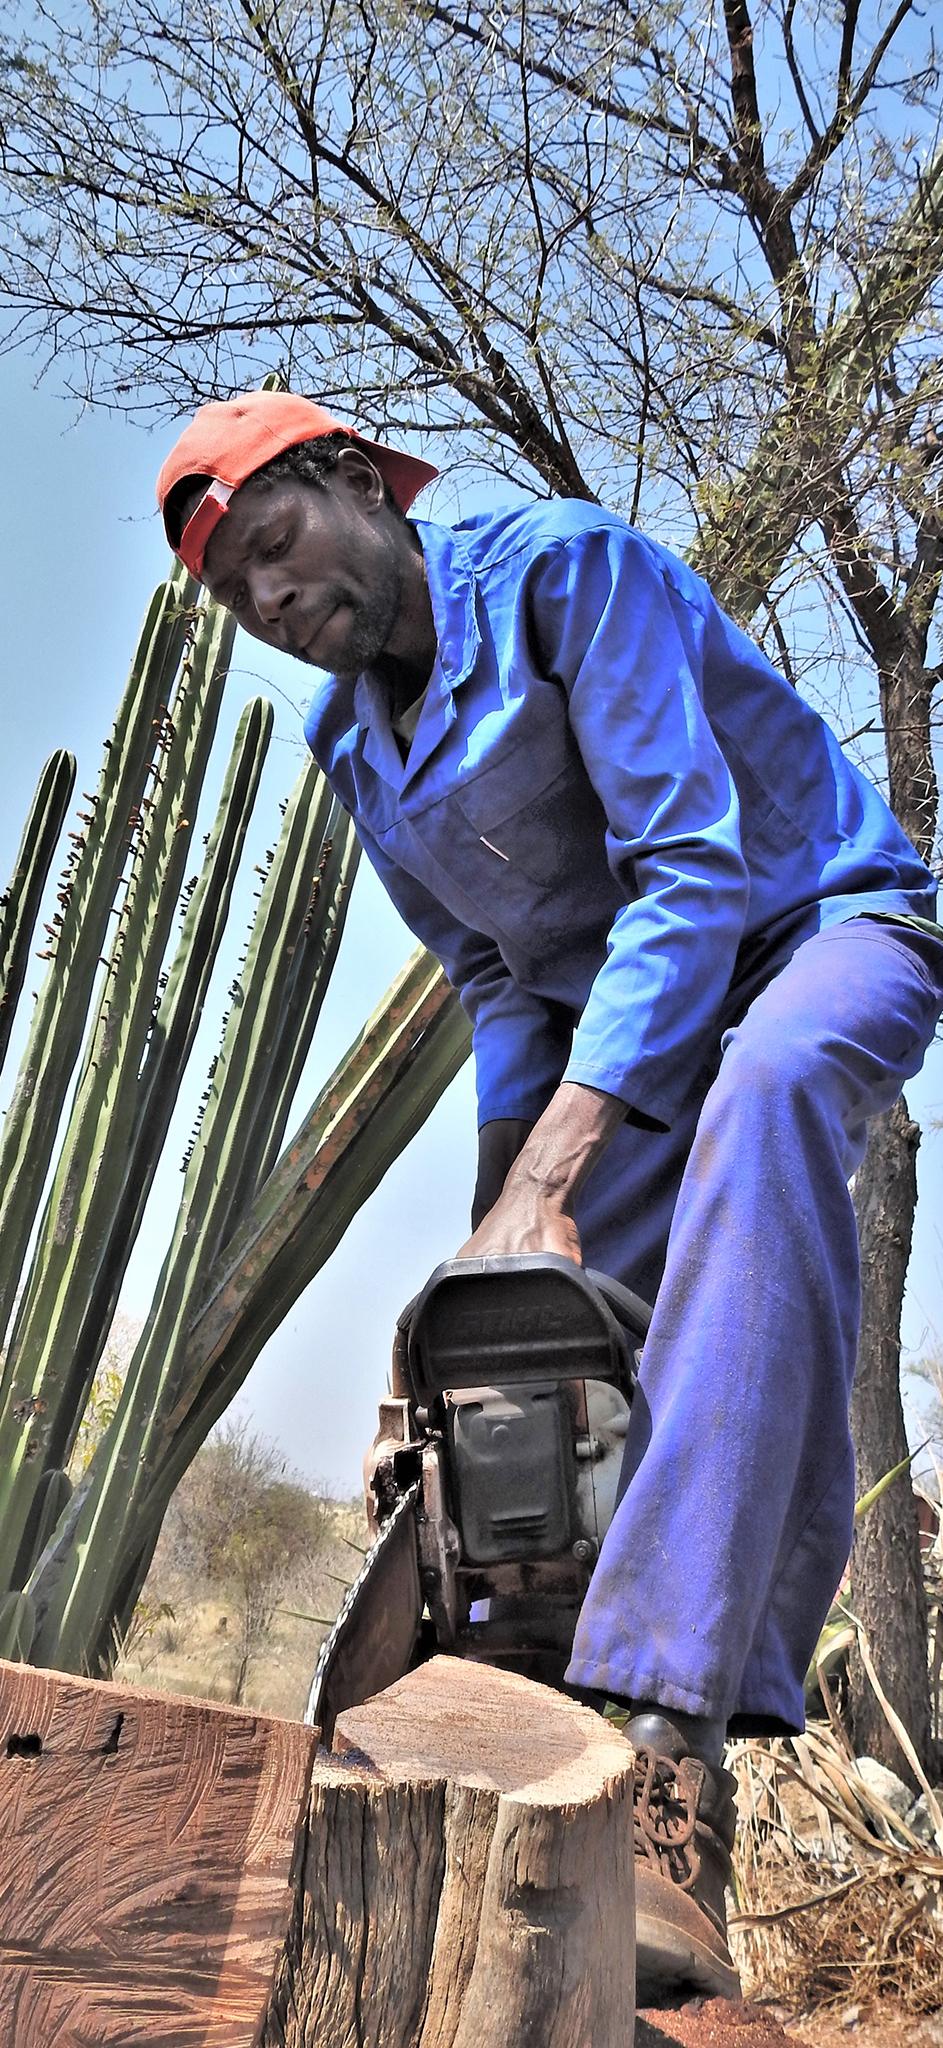 Tikoloshe-afrika-wood-artist